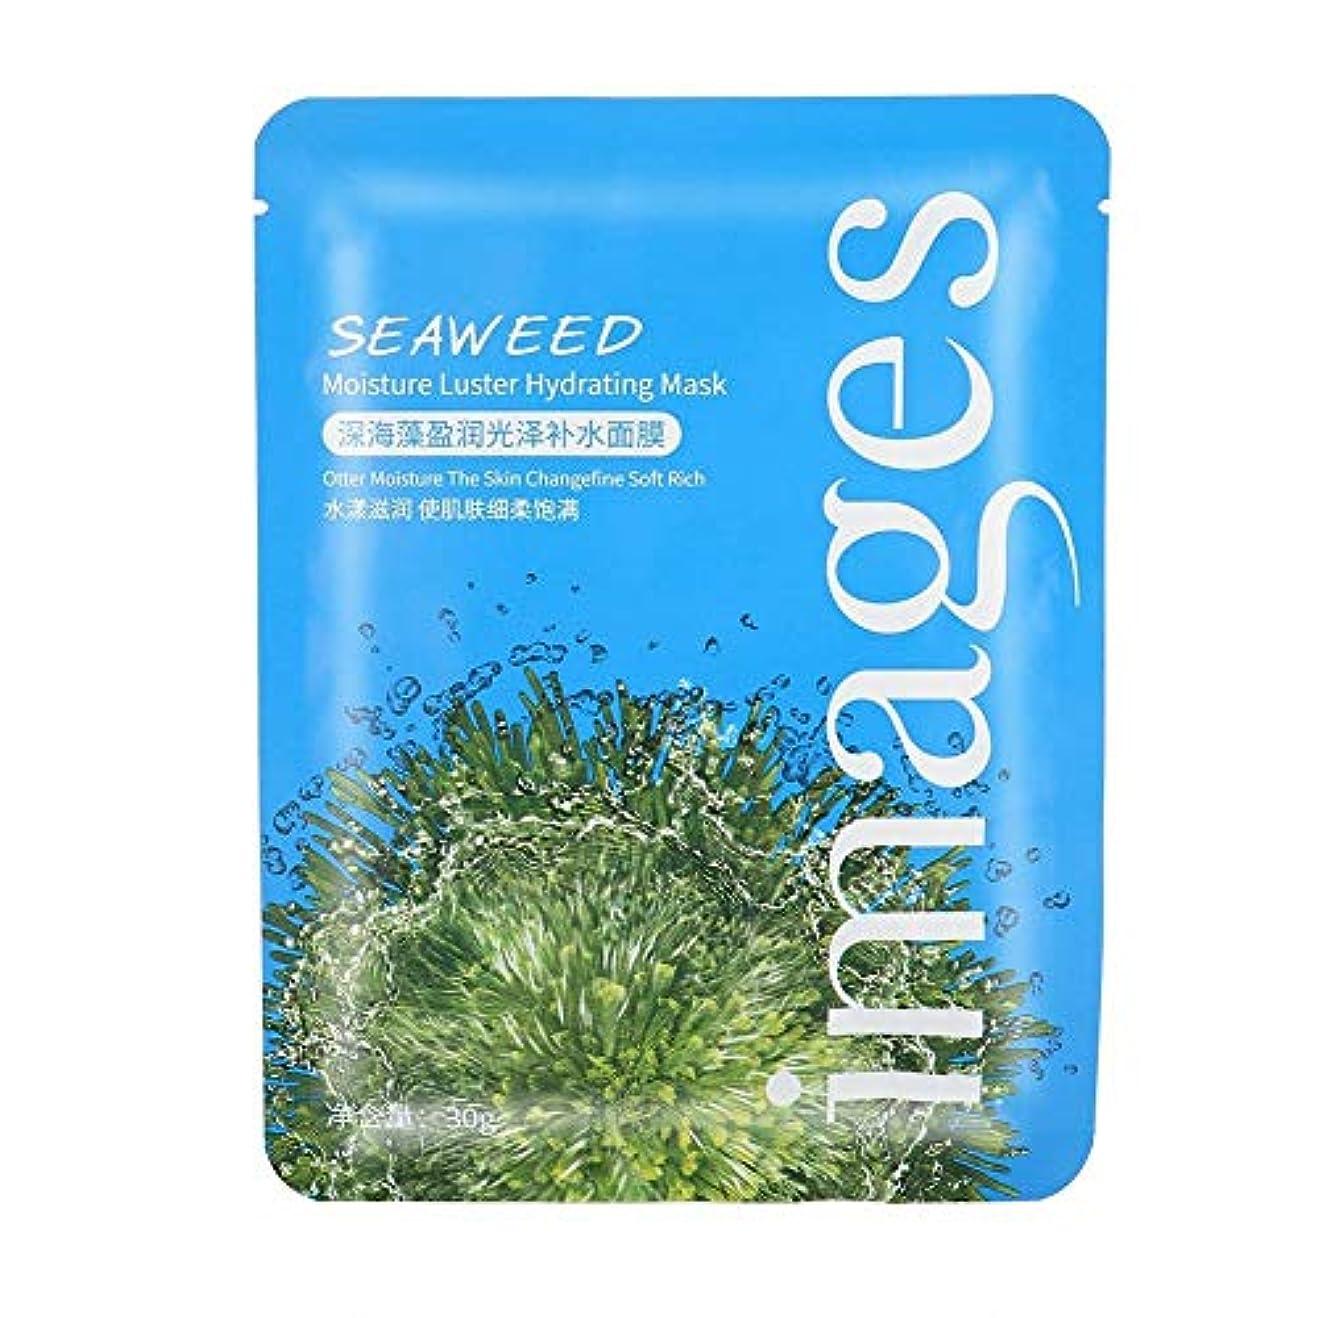 嵐上級検出Semme天然海藻エキスフェイスマスク、20 /個明るく保湿引き締め海藻エッセンスフルフェイスフェイシャルマスクシートスキンケア(豊かな輝き)